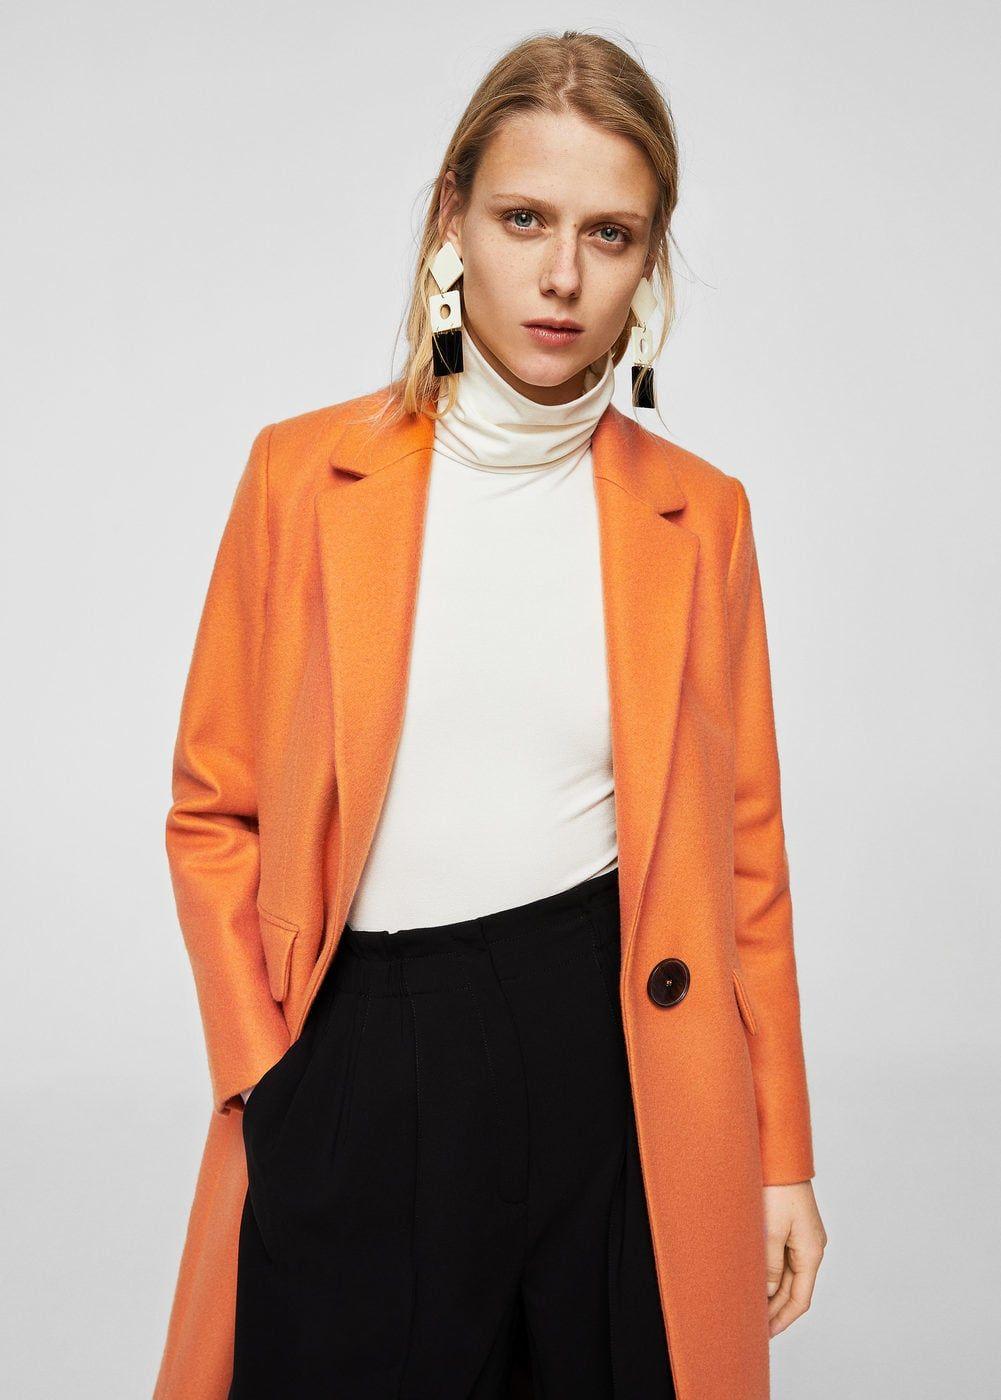 Mango CITRUS Manteau Classique Orange. Mango CITRUS Manteau Classique  Orange Manteau Femme ... 07ea5290b3fb